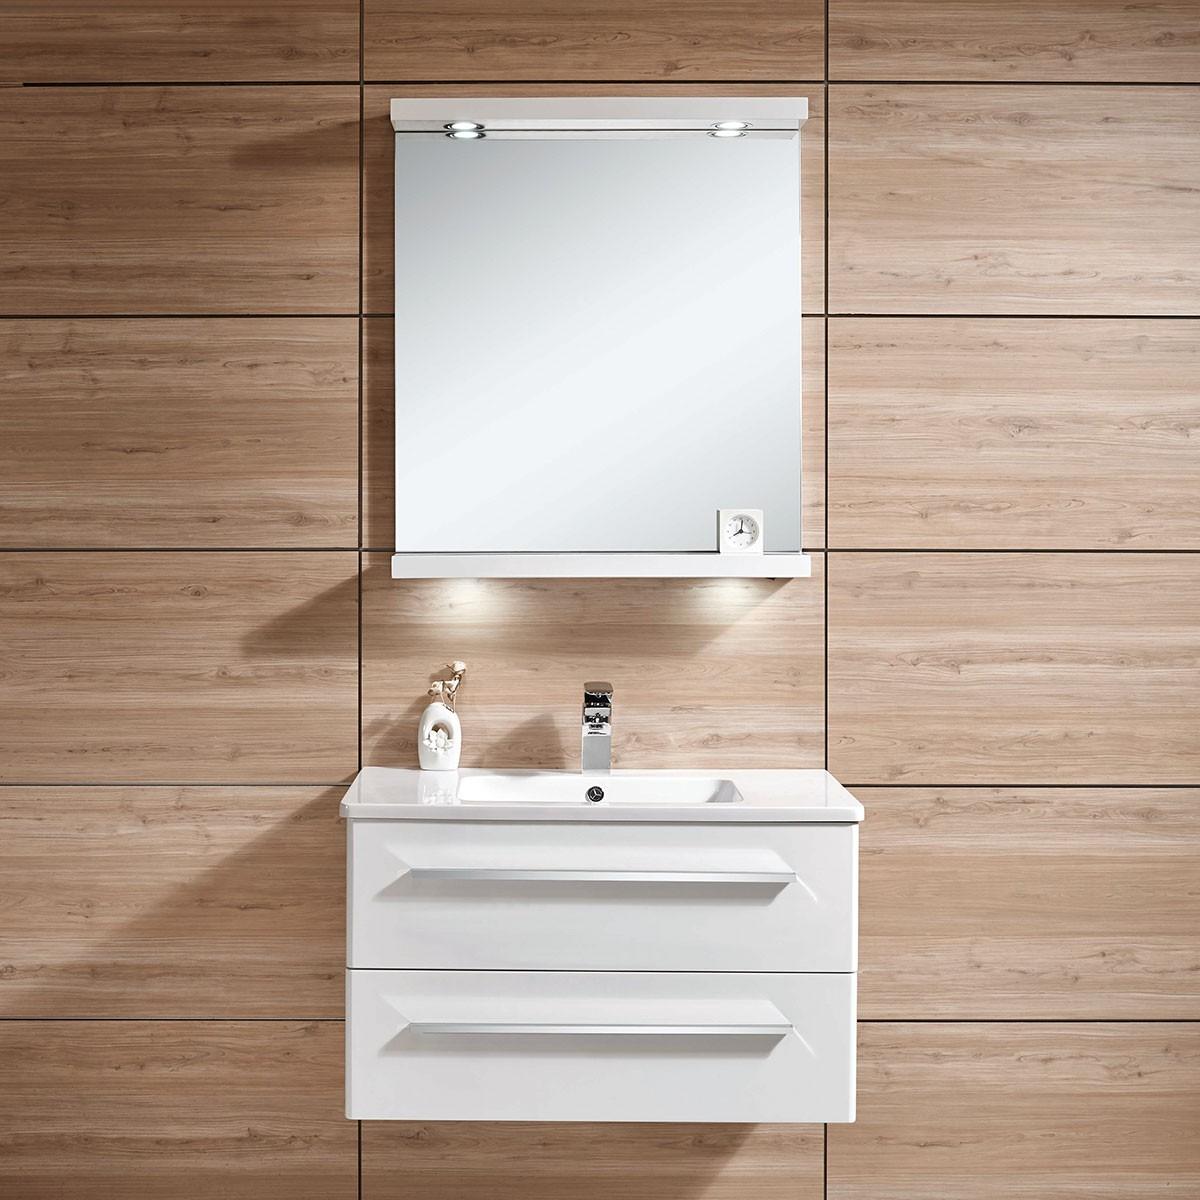 31 po Meuble Salle de Bain Suspendu au Mur à Lavabo Simple avec Miroir et Lampe (DK-606800-SET)